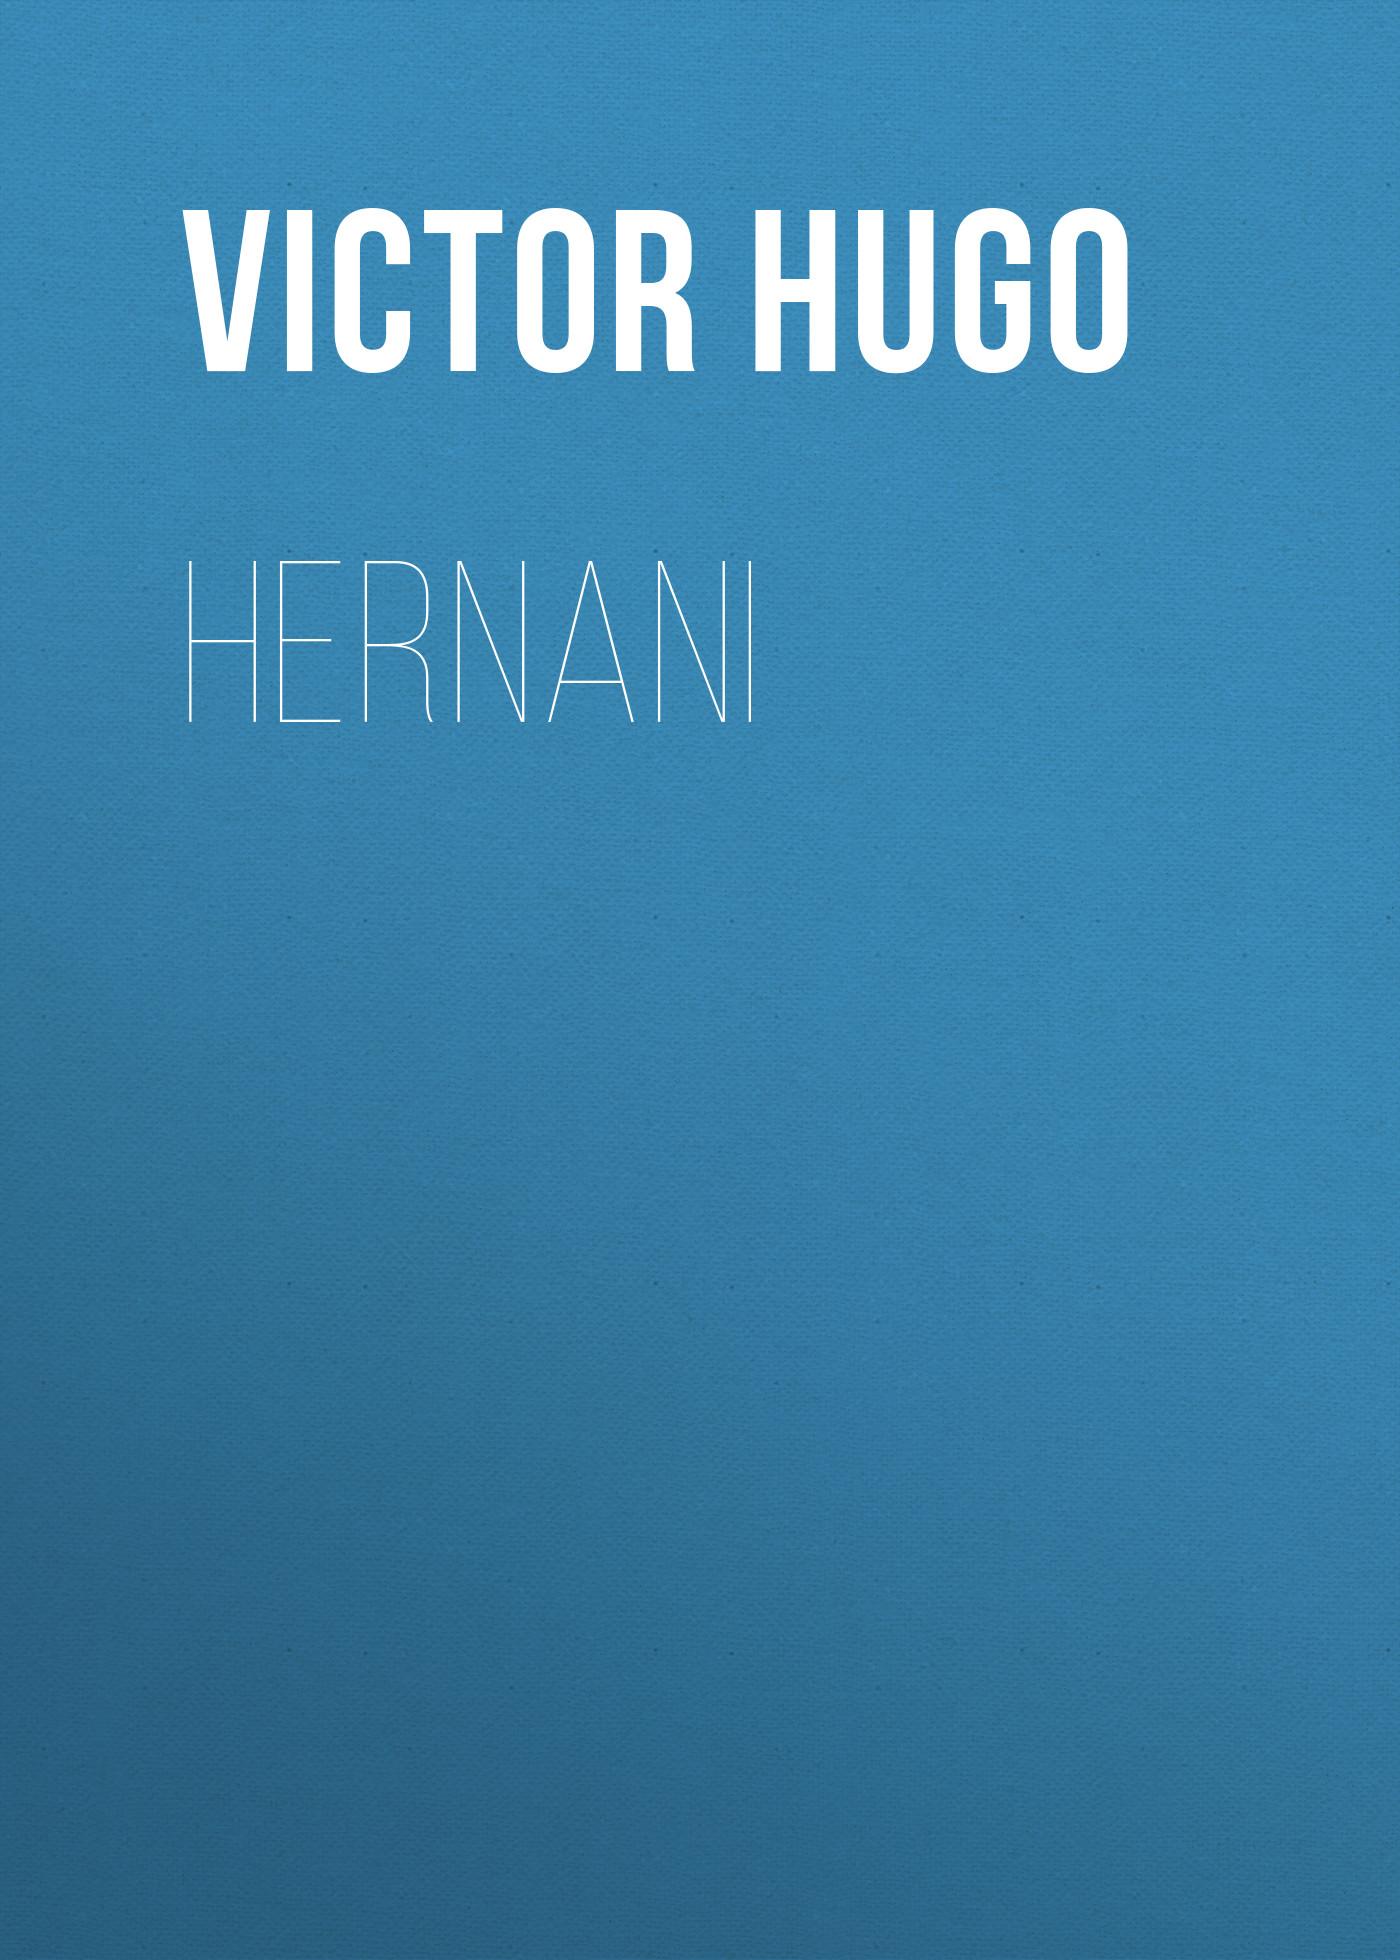 цена на Виктор Мари Гюго Hernani